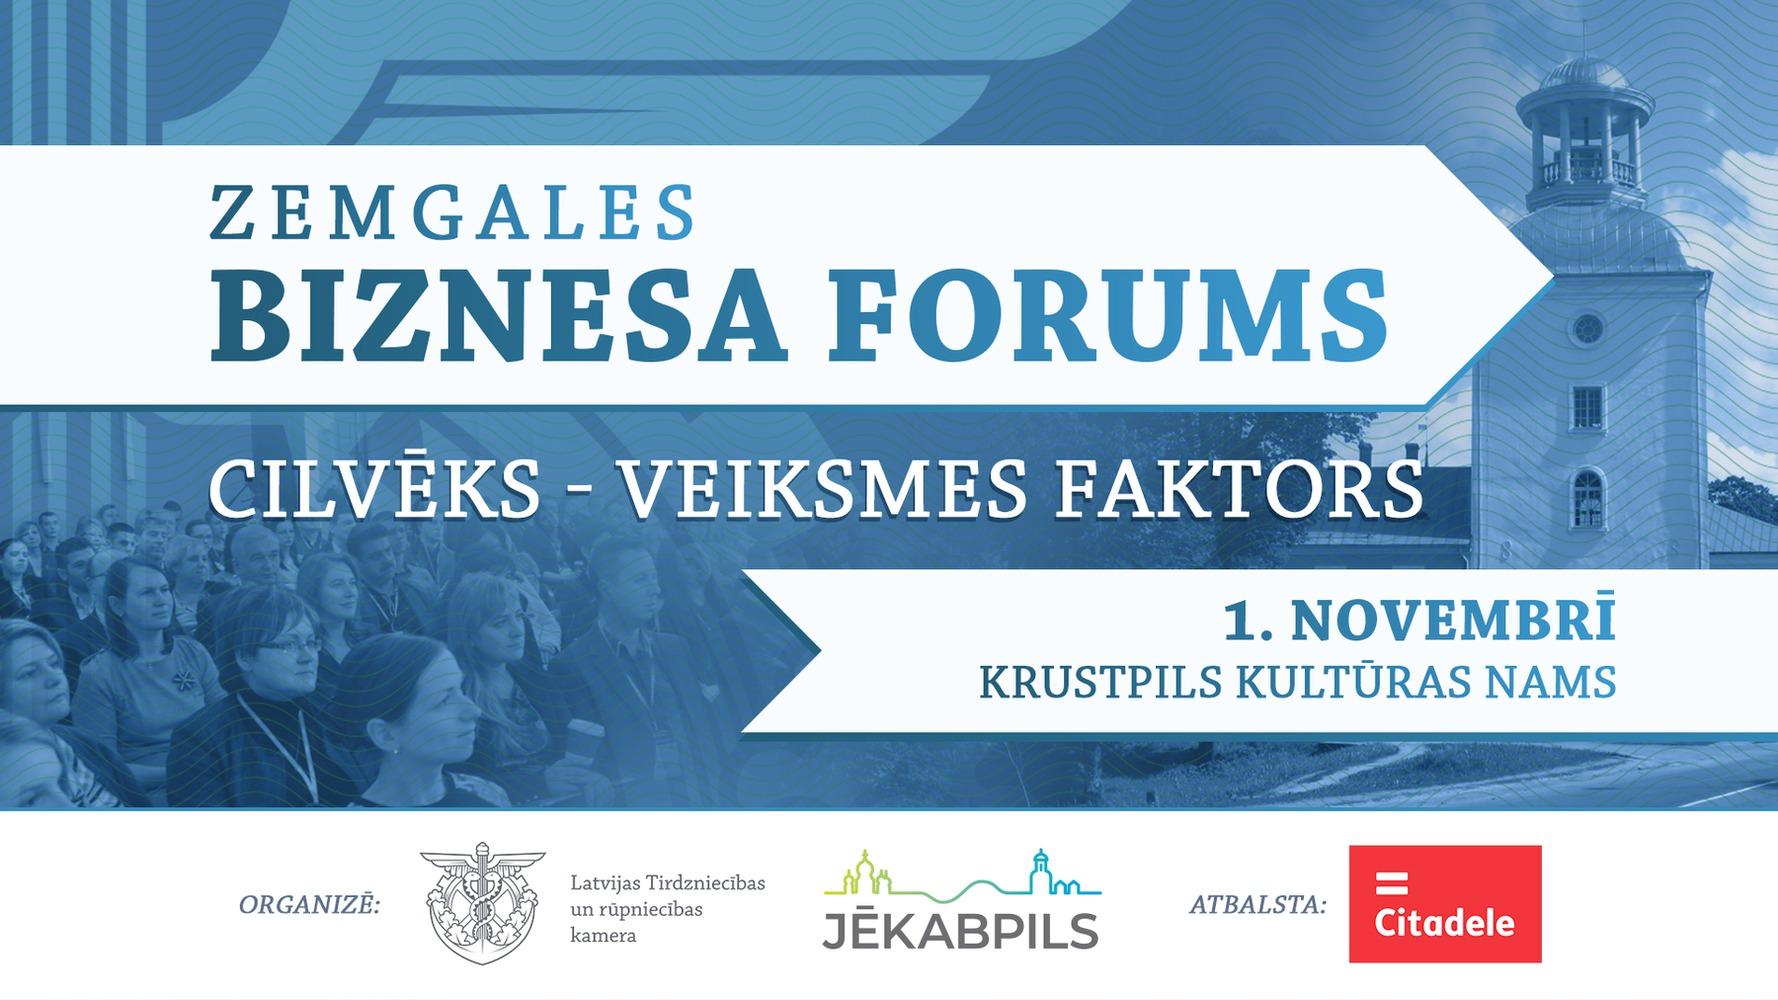 biznesa_forums_jekabpils.jpg